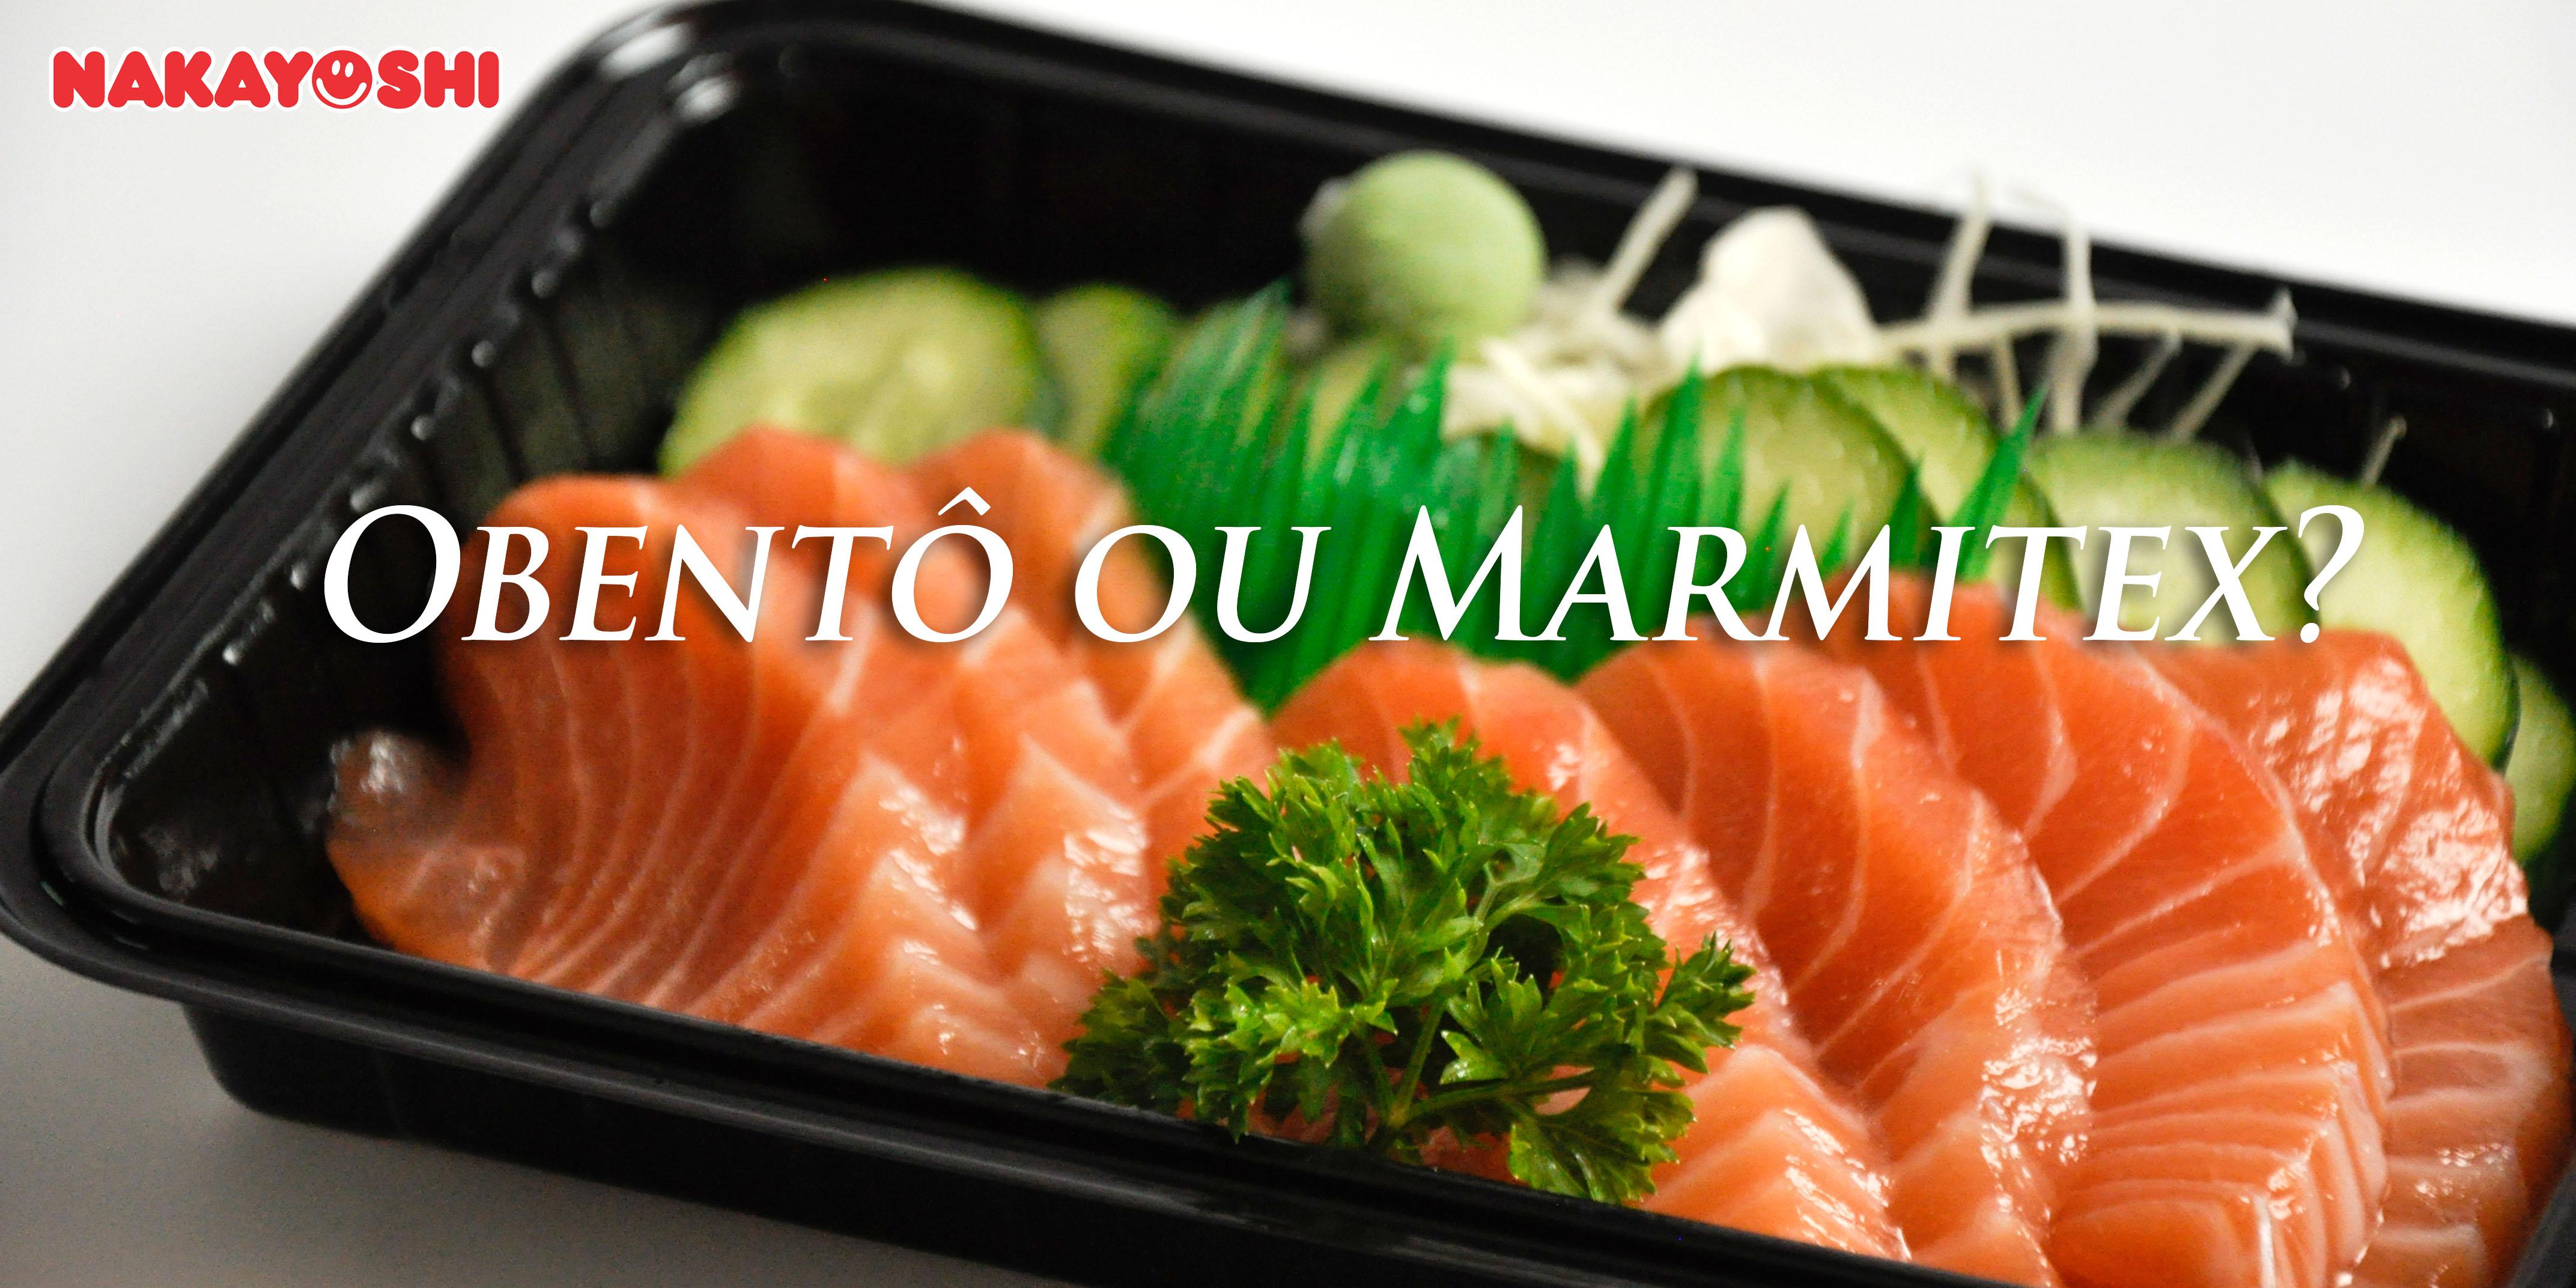 Marmitex Japonesa em Indaiatuba é no Restaurante Nakayoshi